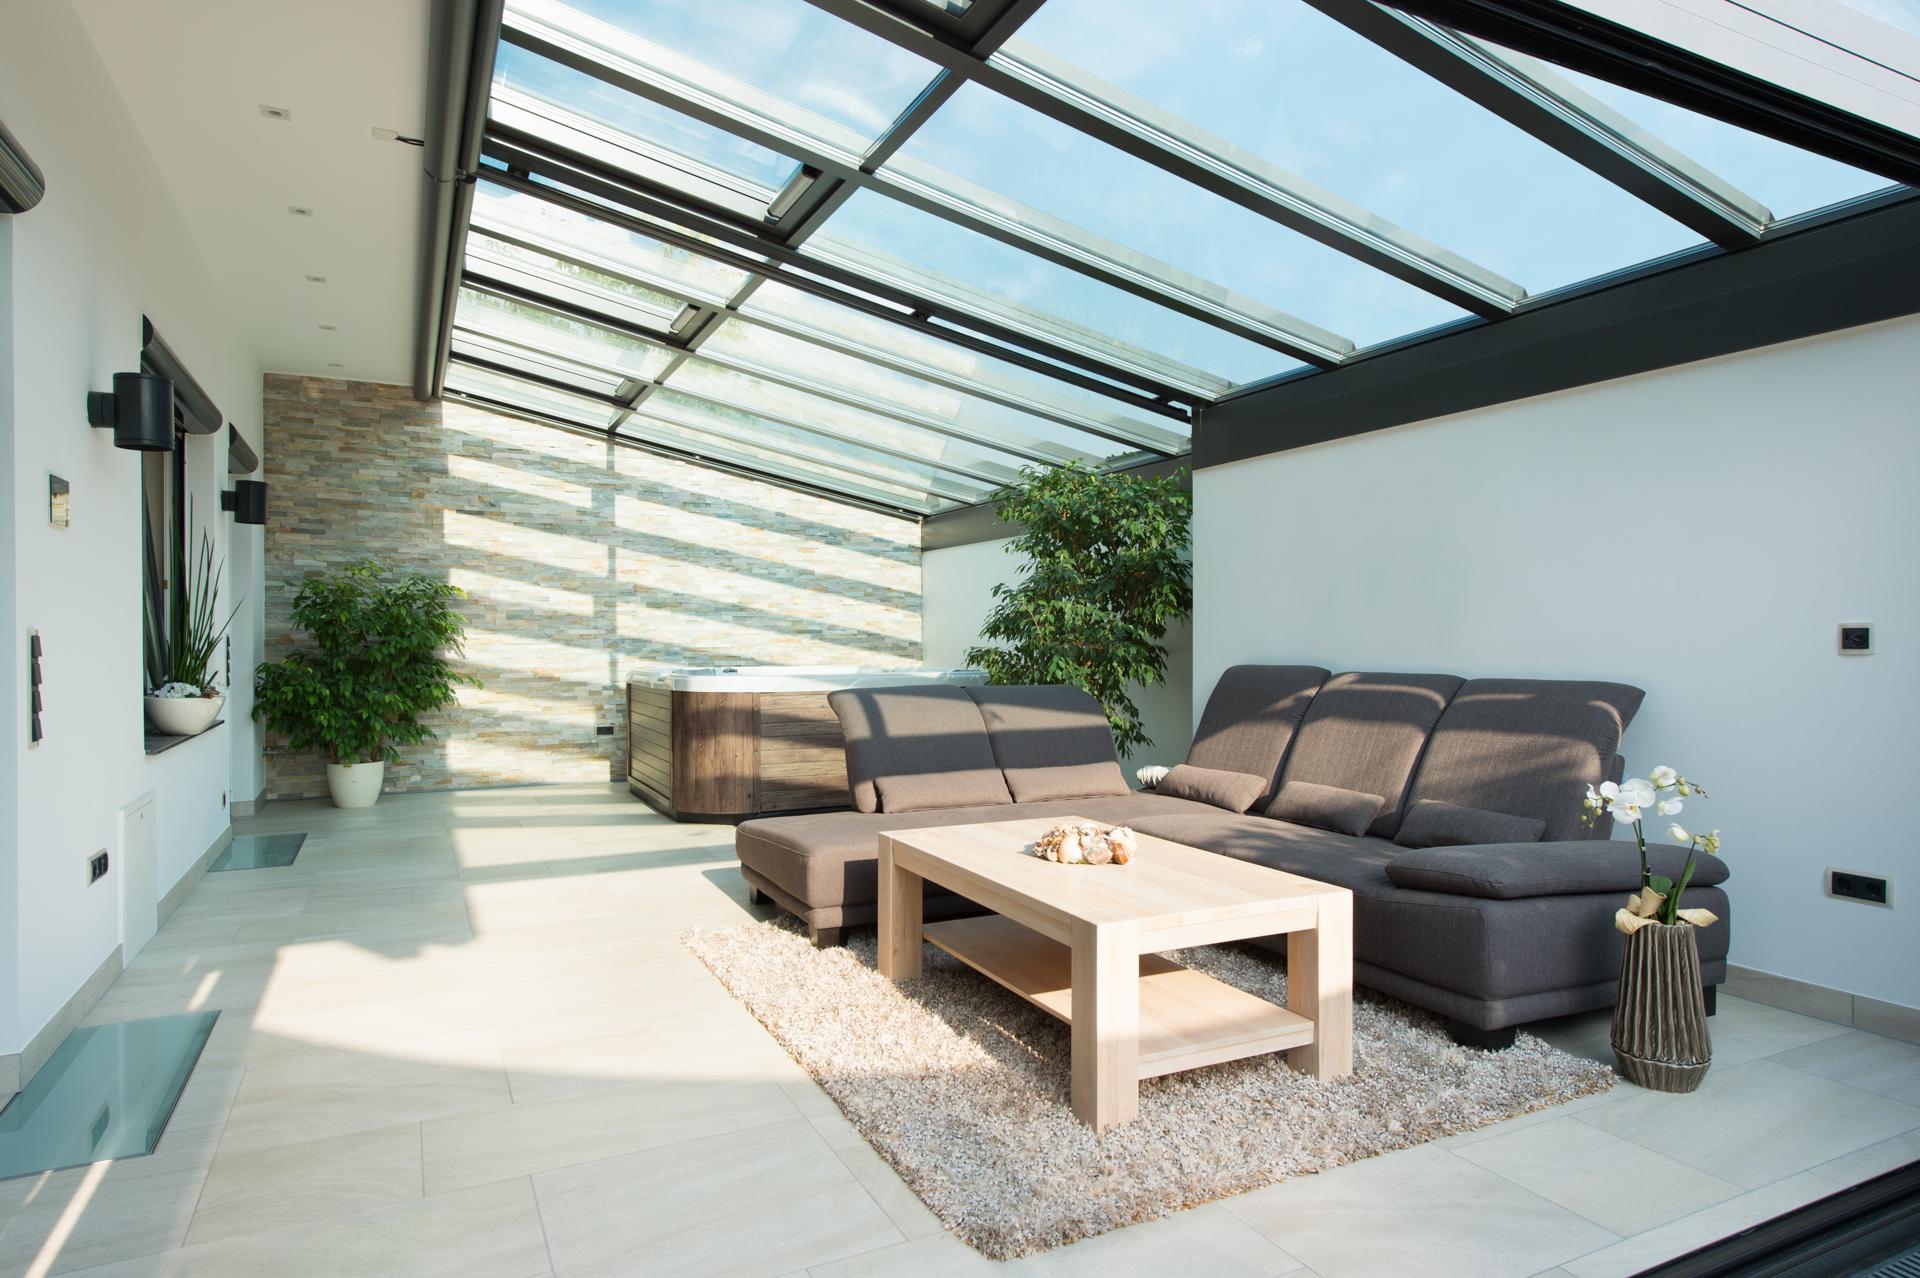 der traum vom eigenen zuhause solarlux blog. Black Bedroom Furniture Sets. Home Design Ideas